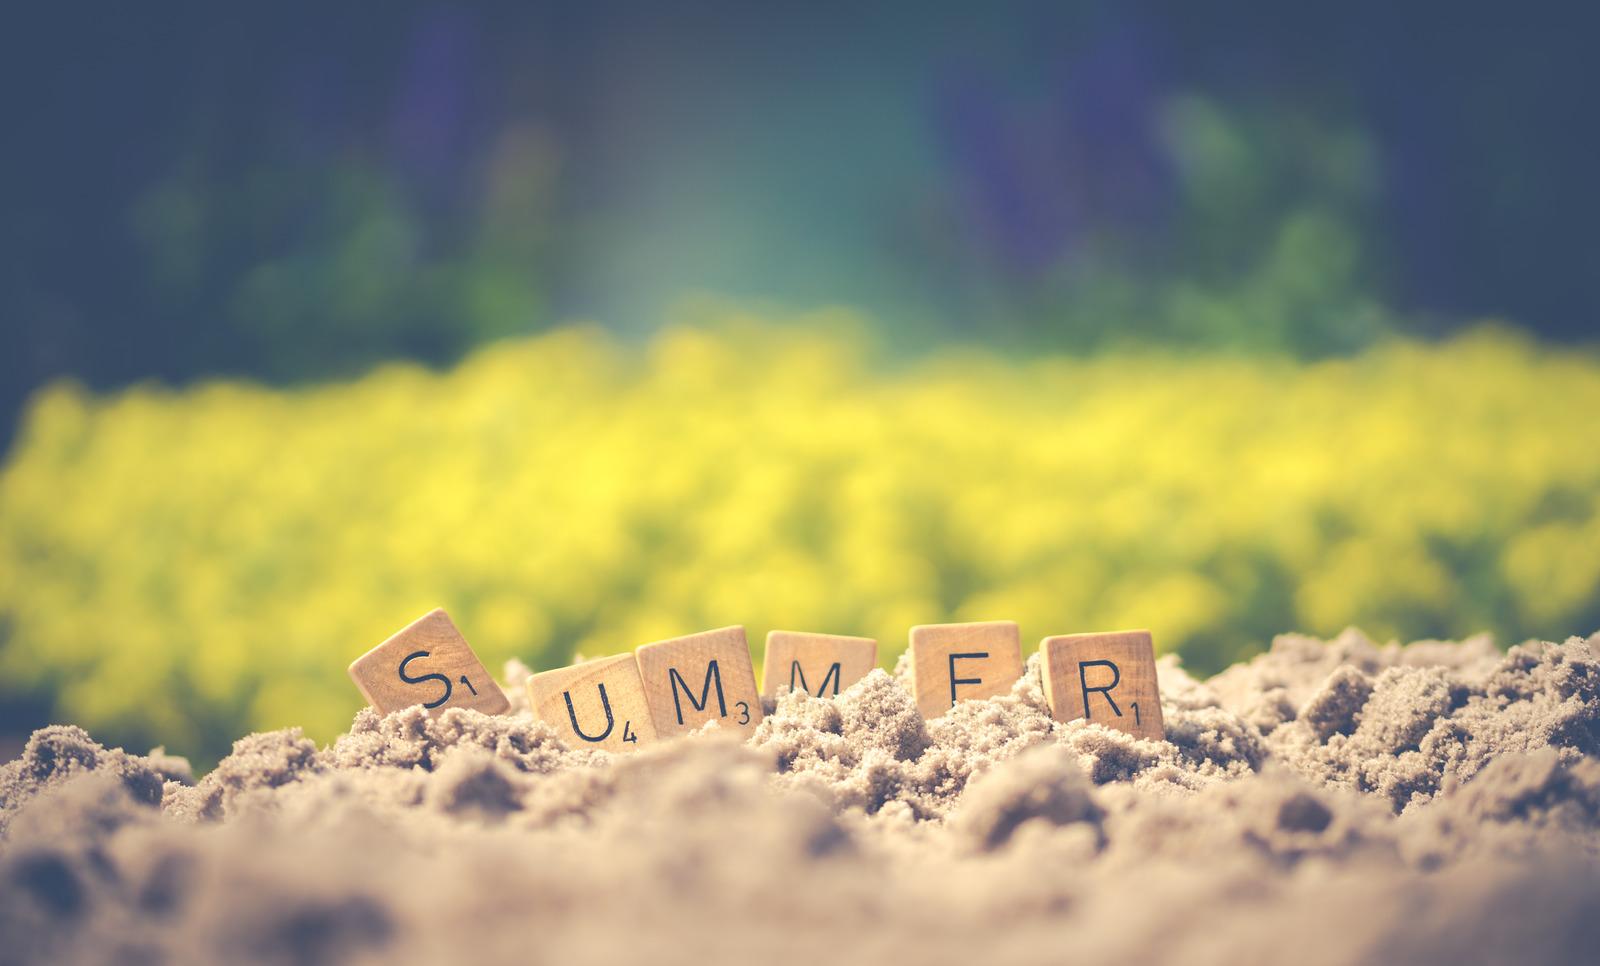 Canva - Summer Letter Cube on Soil (1)